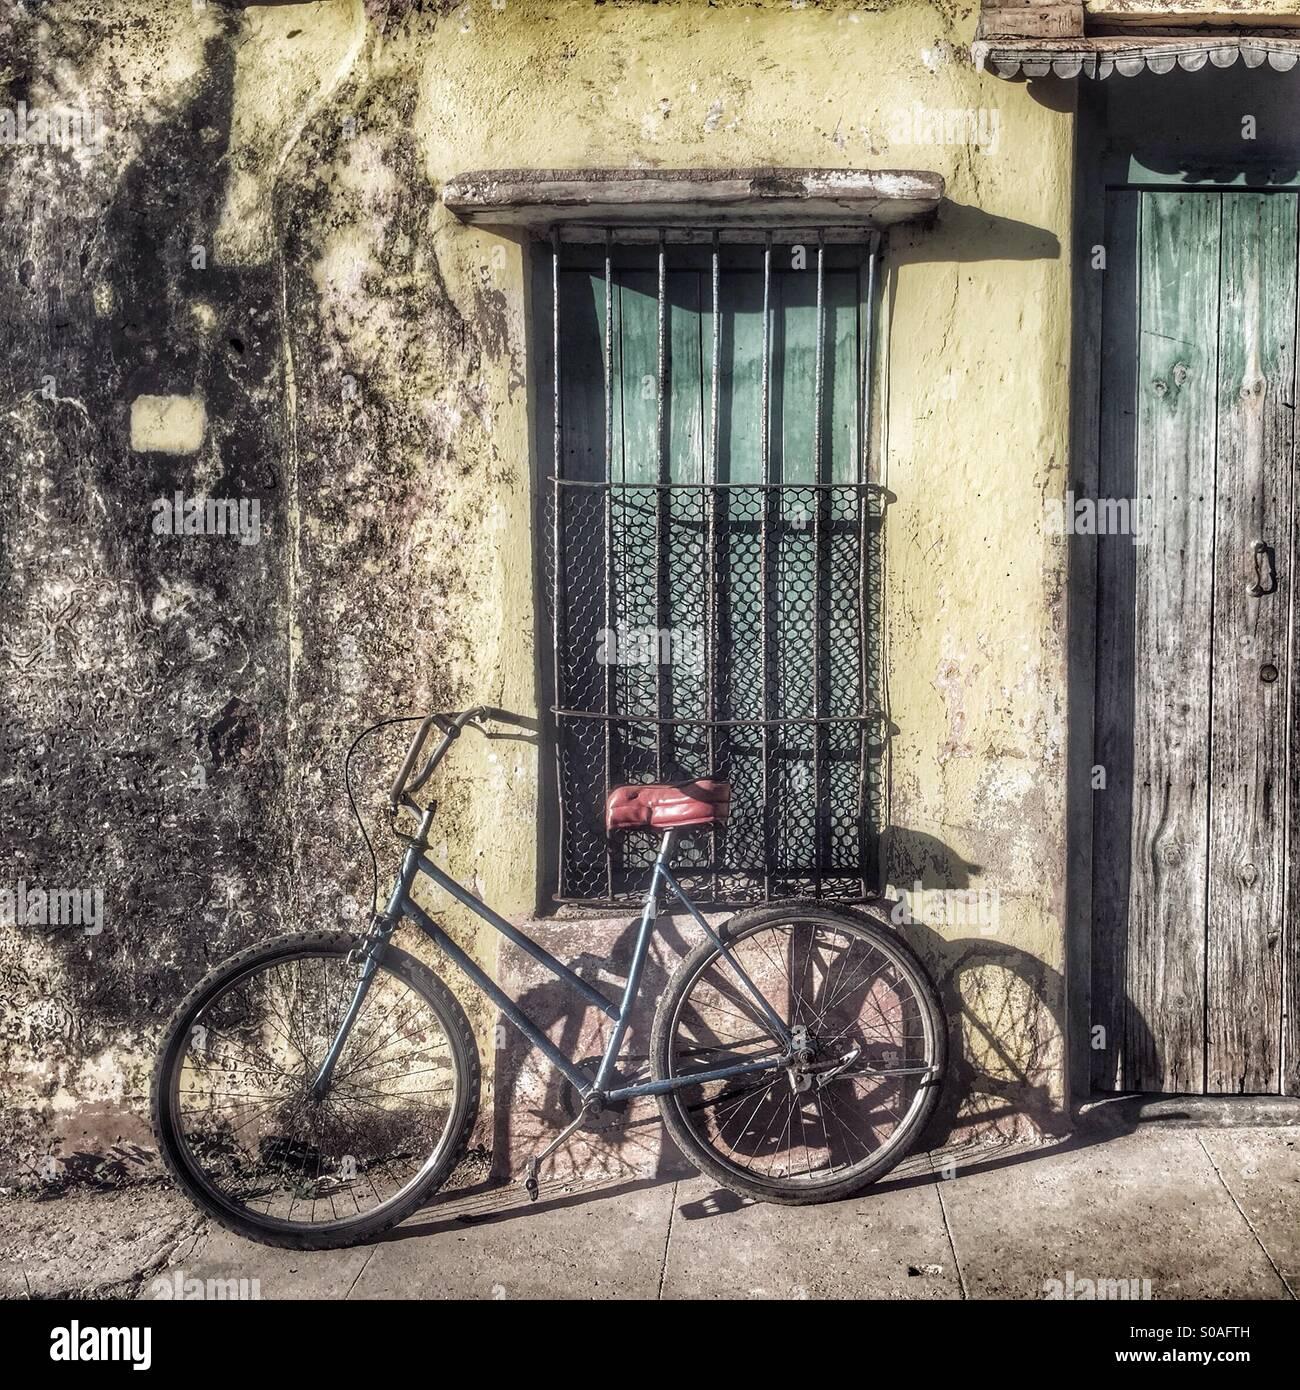 Inclinada de bicicletas y una sombra contra una mugrienta shuttered ventanas propiedad amurallada. Trinidad Sancti Imagen De Stock